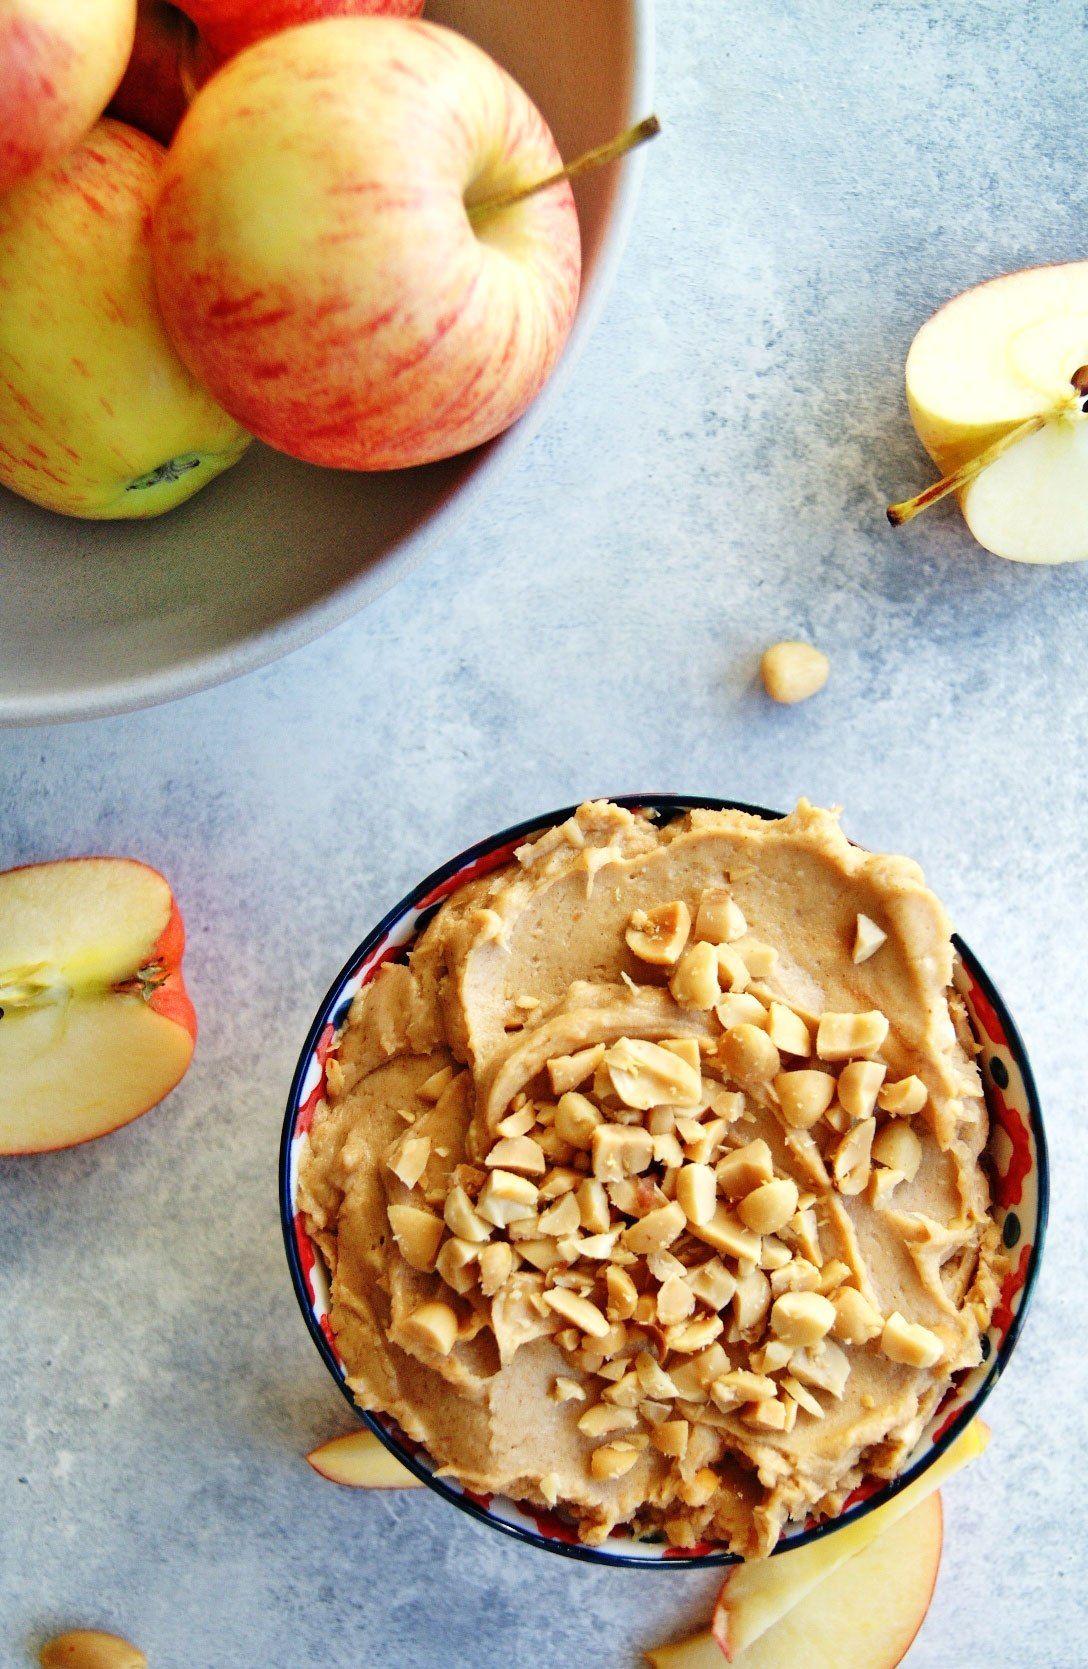 Creamy Peanut Butter Apple Dip 4 Ingredients Apple dip